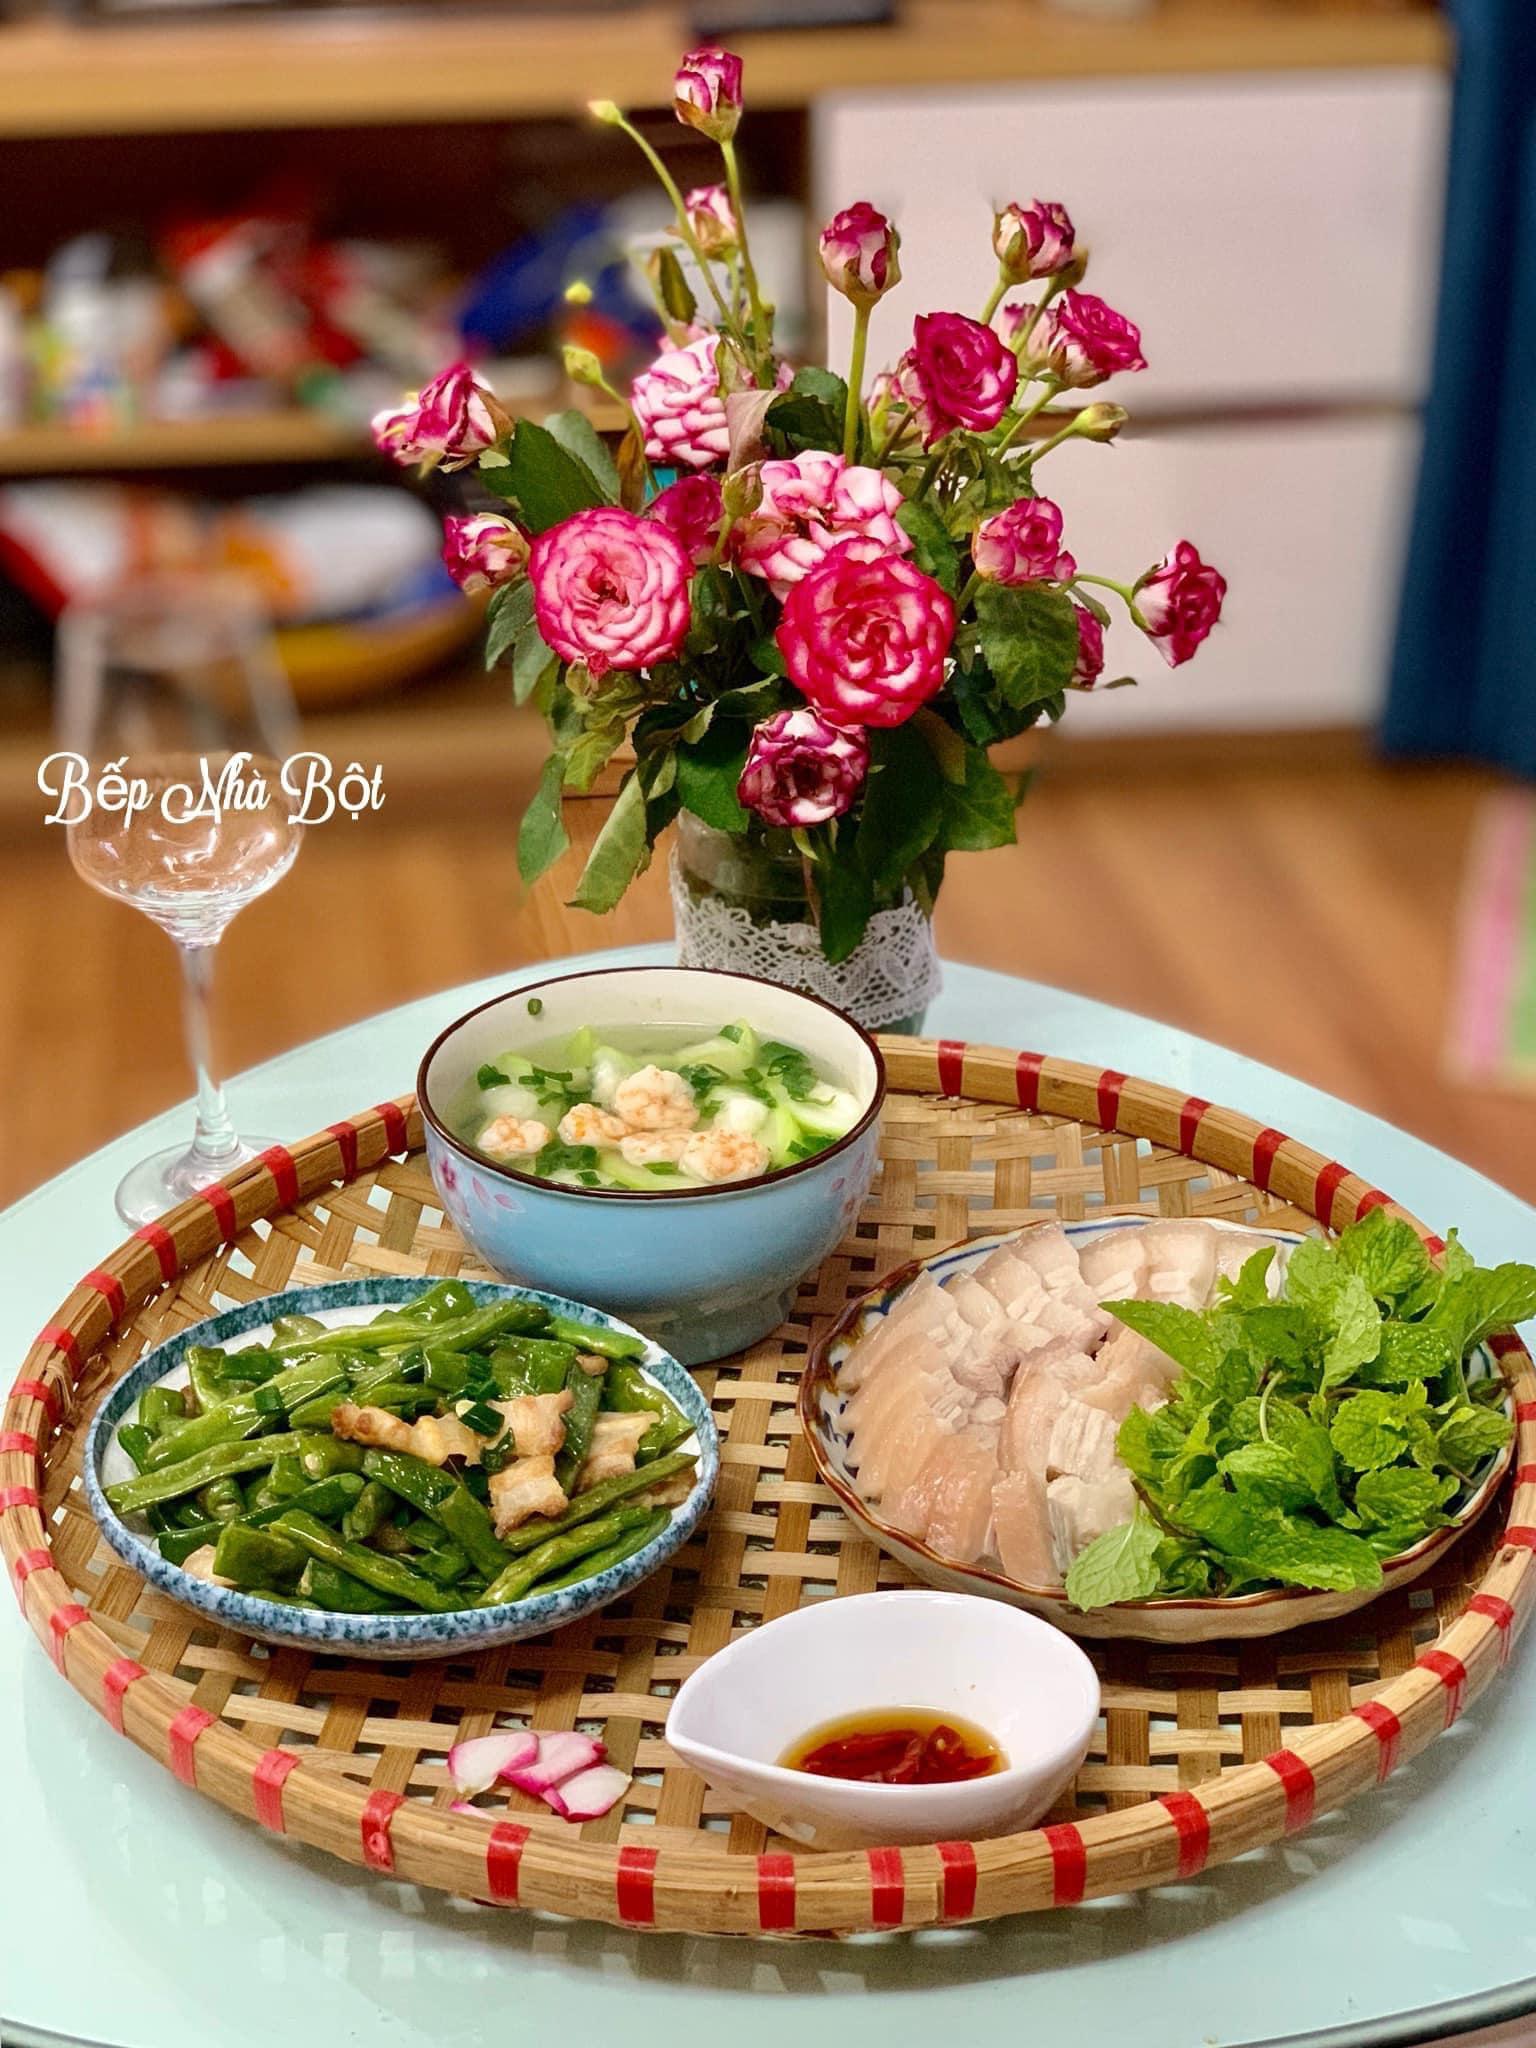 """Mâm cơm chỉ từ 120k của mẹ đơn thân Hà Nội khi coi """"Nấu ăn vì đam mê không phải là trách nhiệm"""" khiến ai nhìn cũng phải xuýt xoa - Ảnh 14."""